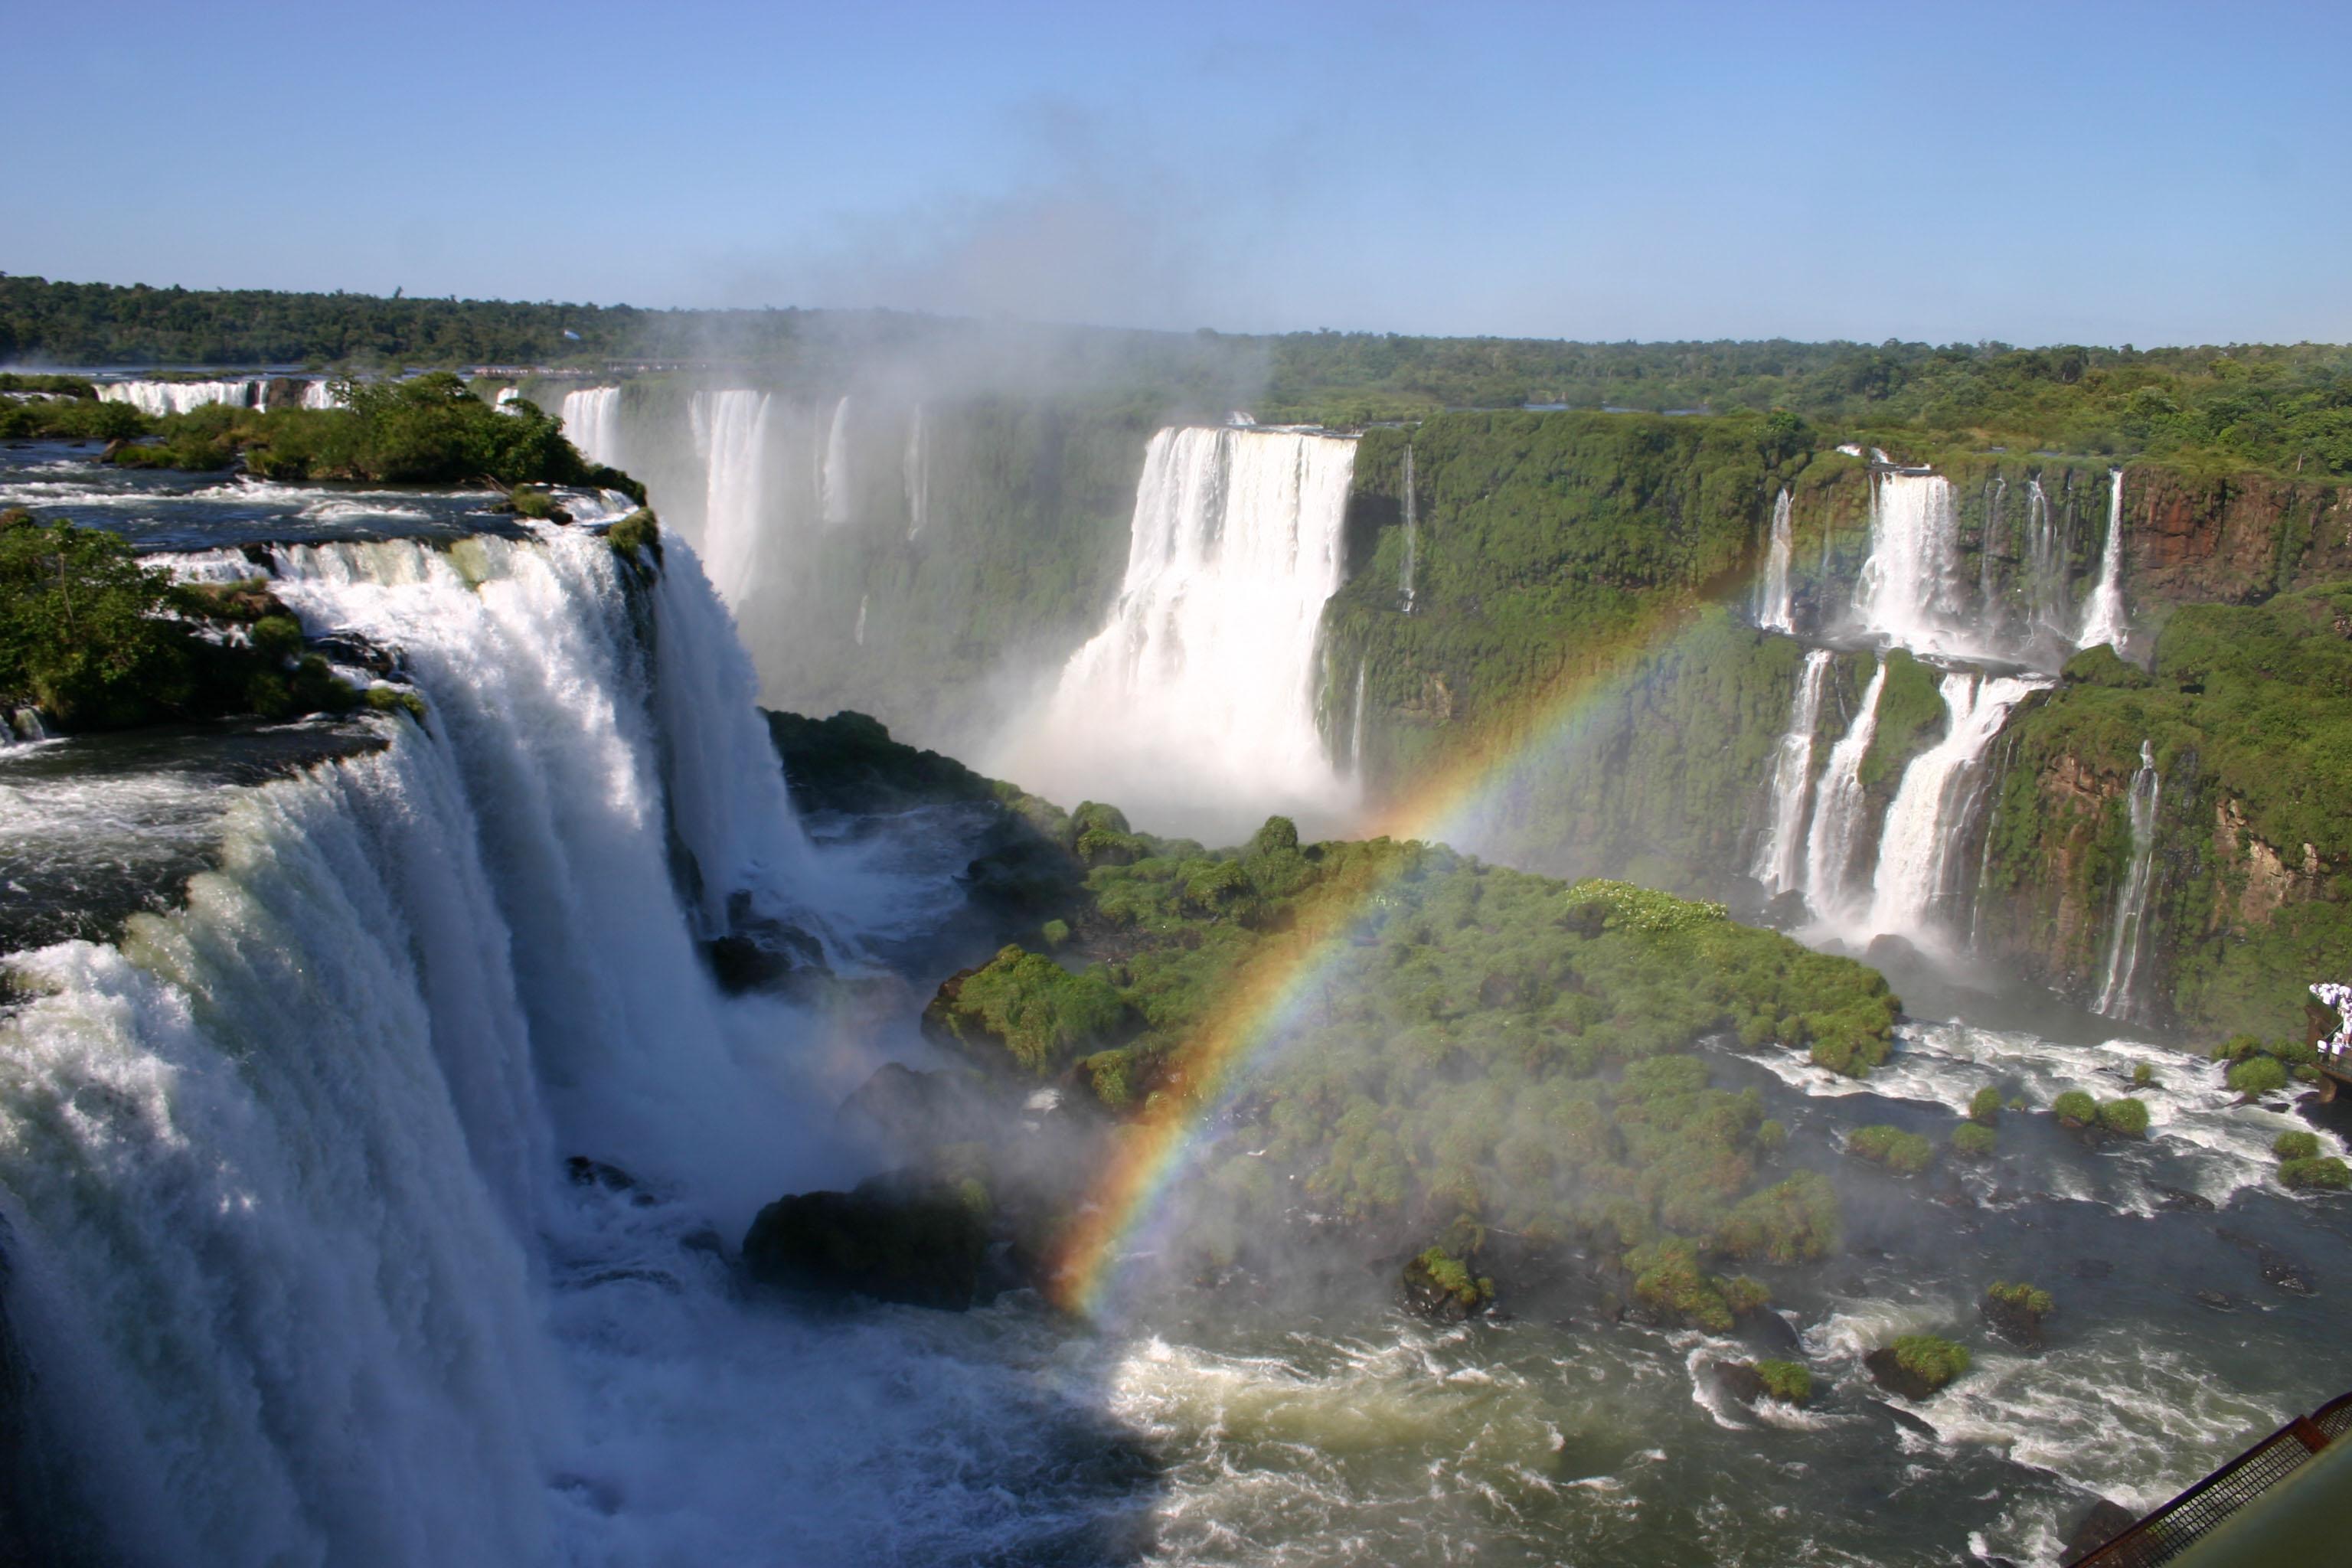 Uitzicht op een regenboog onderaan de Iguazu Falls.